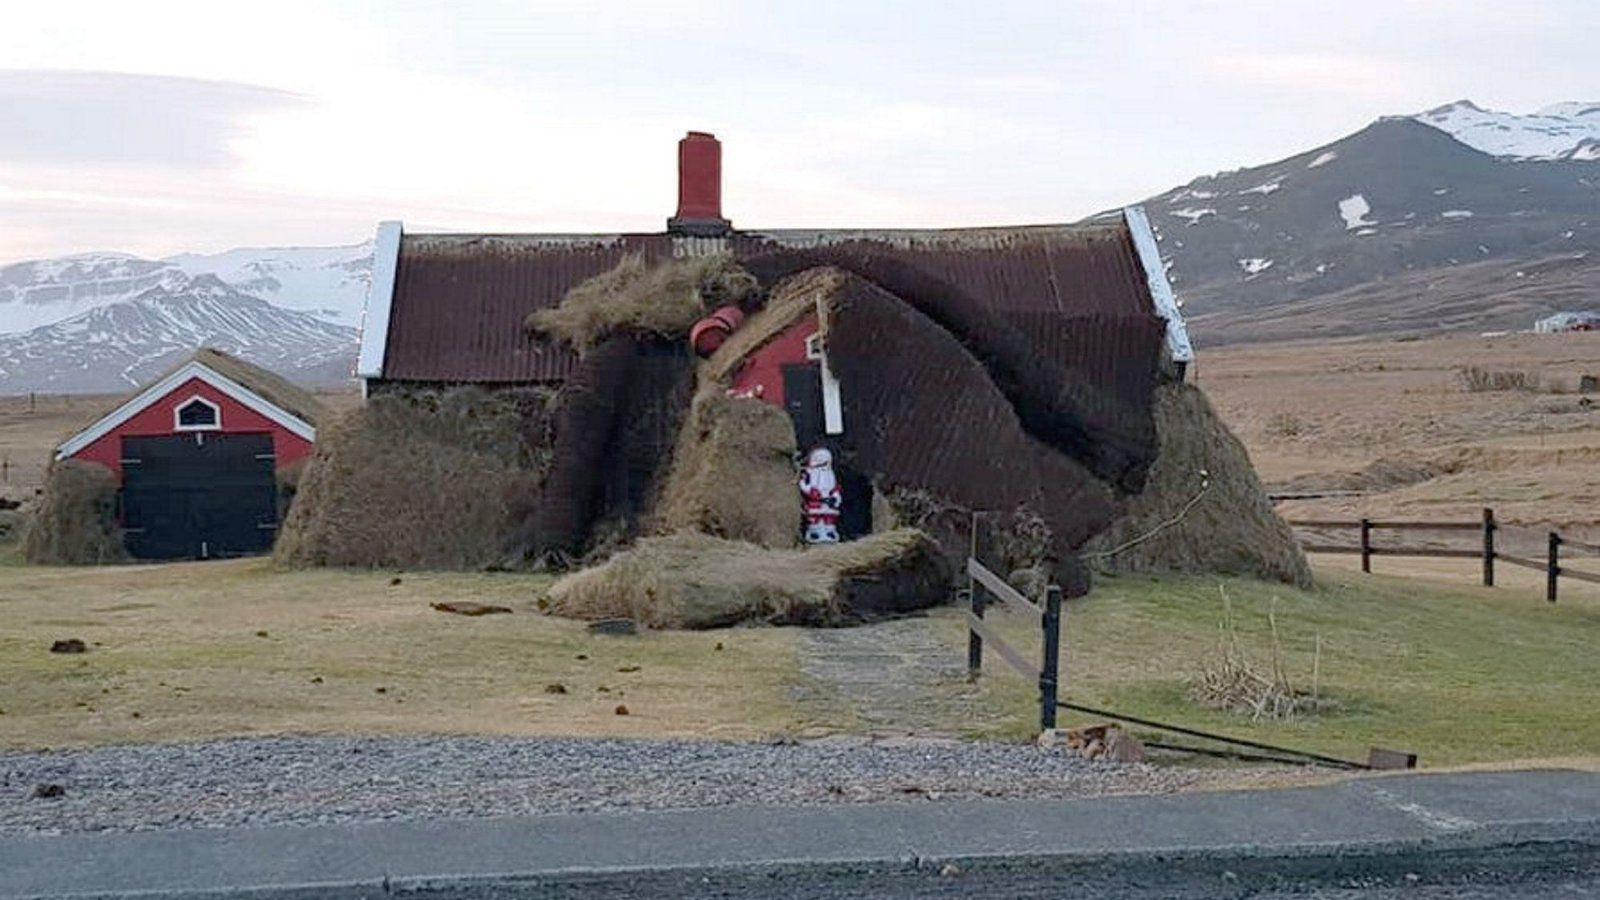 Землянки Линдарбакки, где еще живут люди, после урагана и ветра, летящего со скоростью 180 км в час, фото из исландской прессы